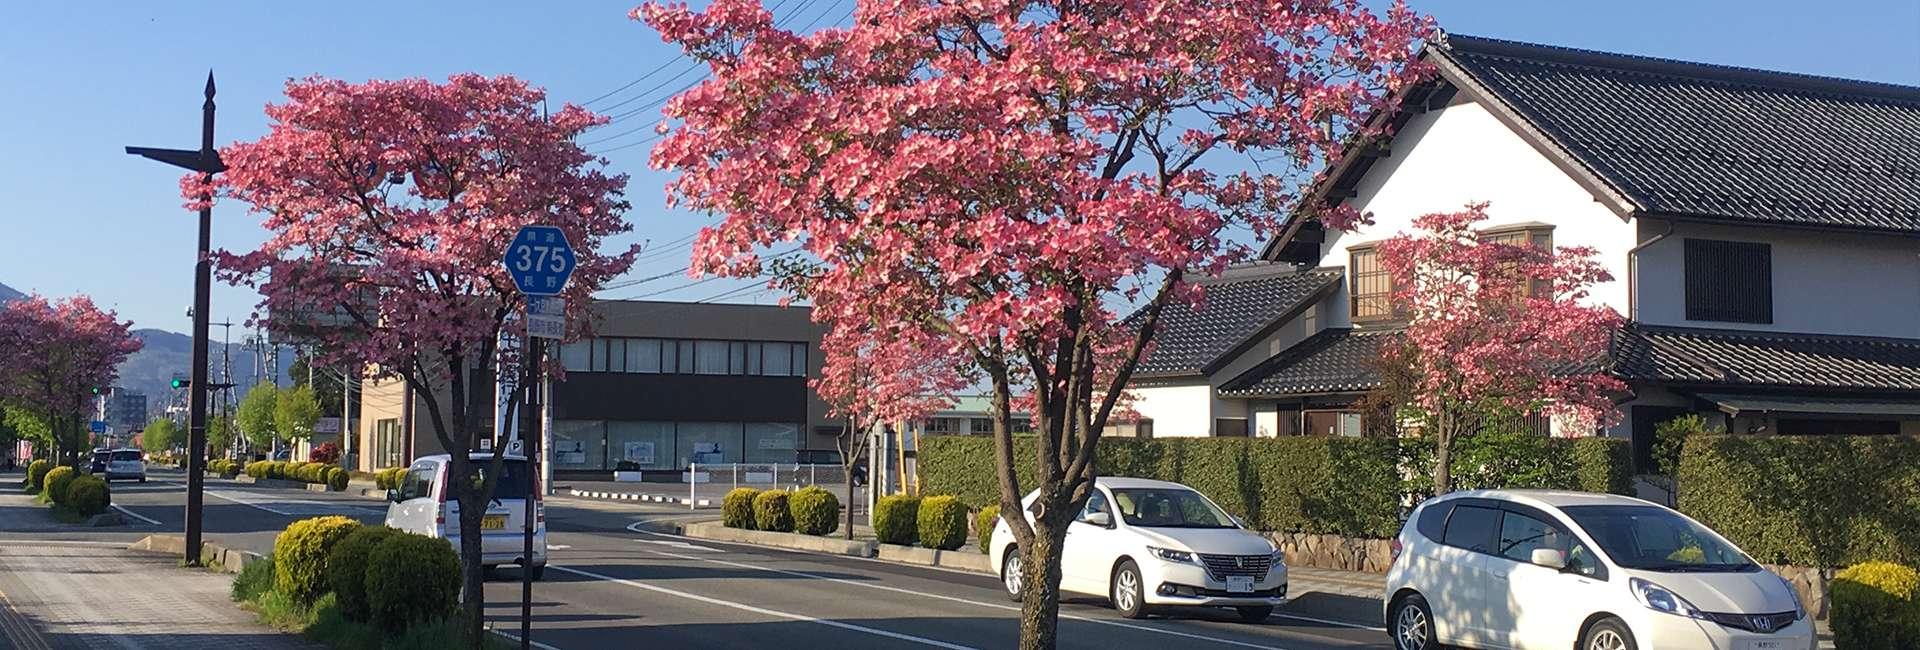 Nagano au Japon